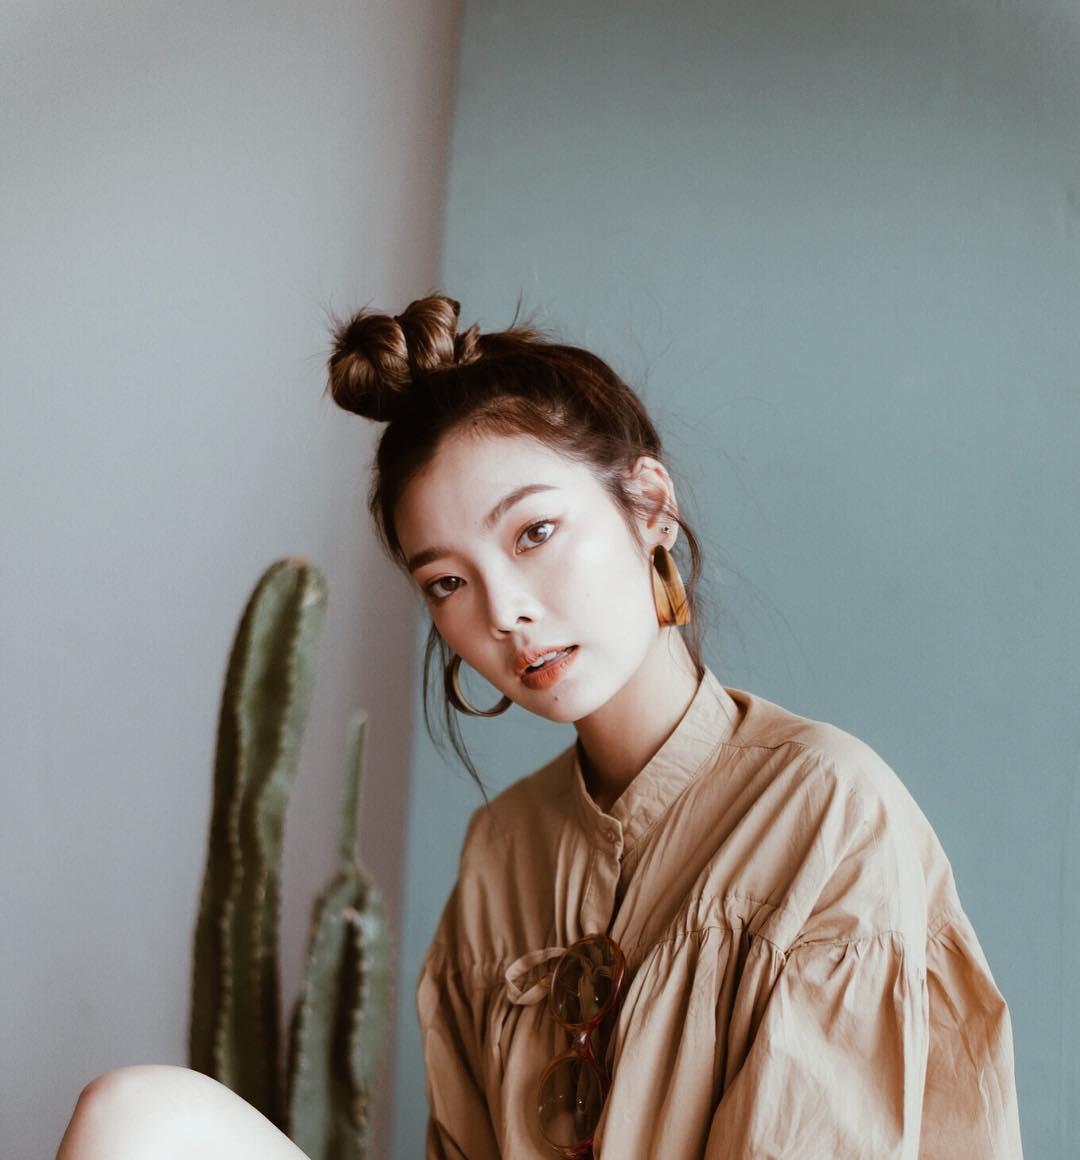 5 kiểu tóc vừa xinh vừa mát cho những cô nàng tóc dài tỏa sáng rực rỡ hơn cả nắng hè - Ảnh 6.